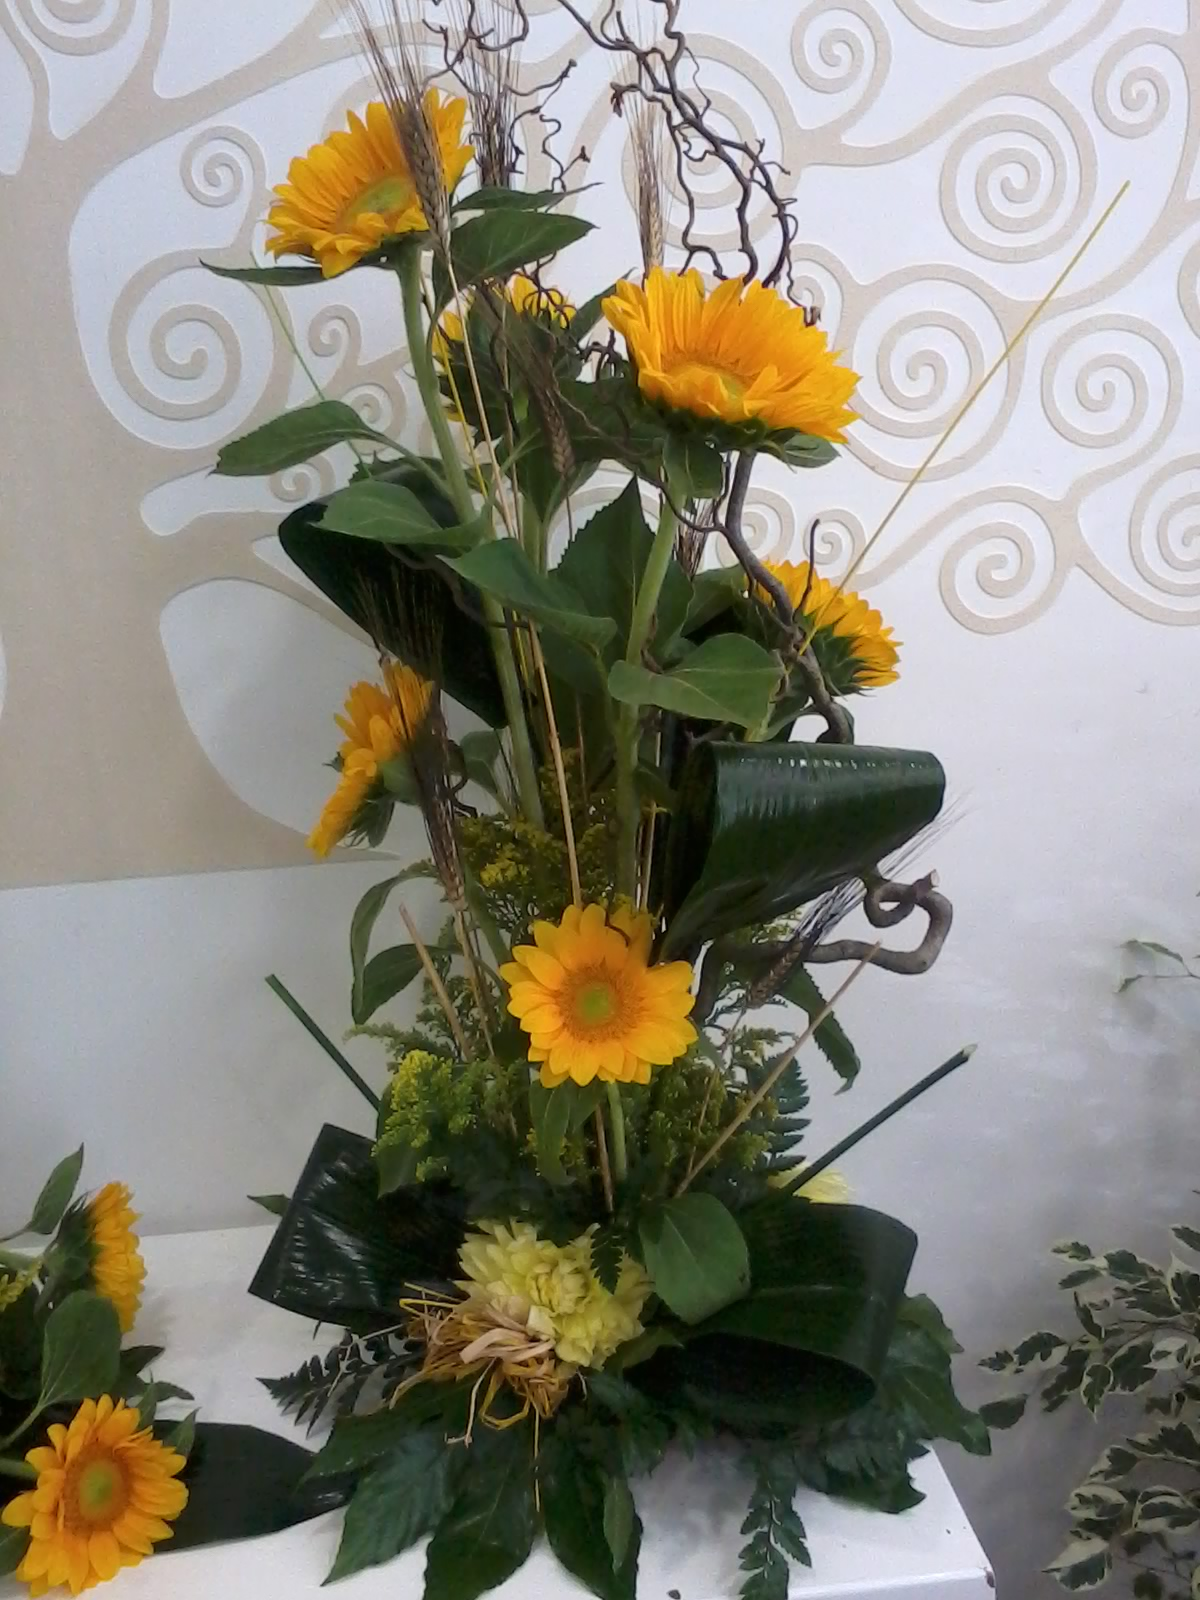 Decorazioni Matrimonio Con Girasoli : Decorazioni matrimonio con girasoli una raccolta di